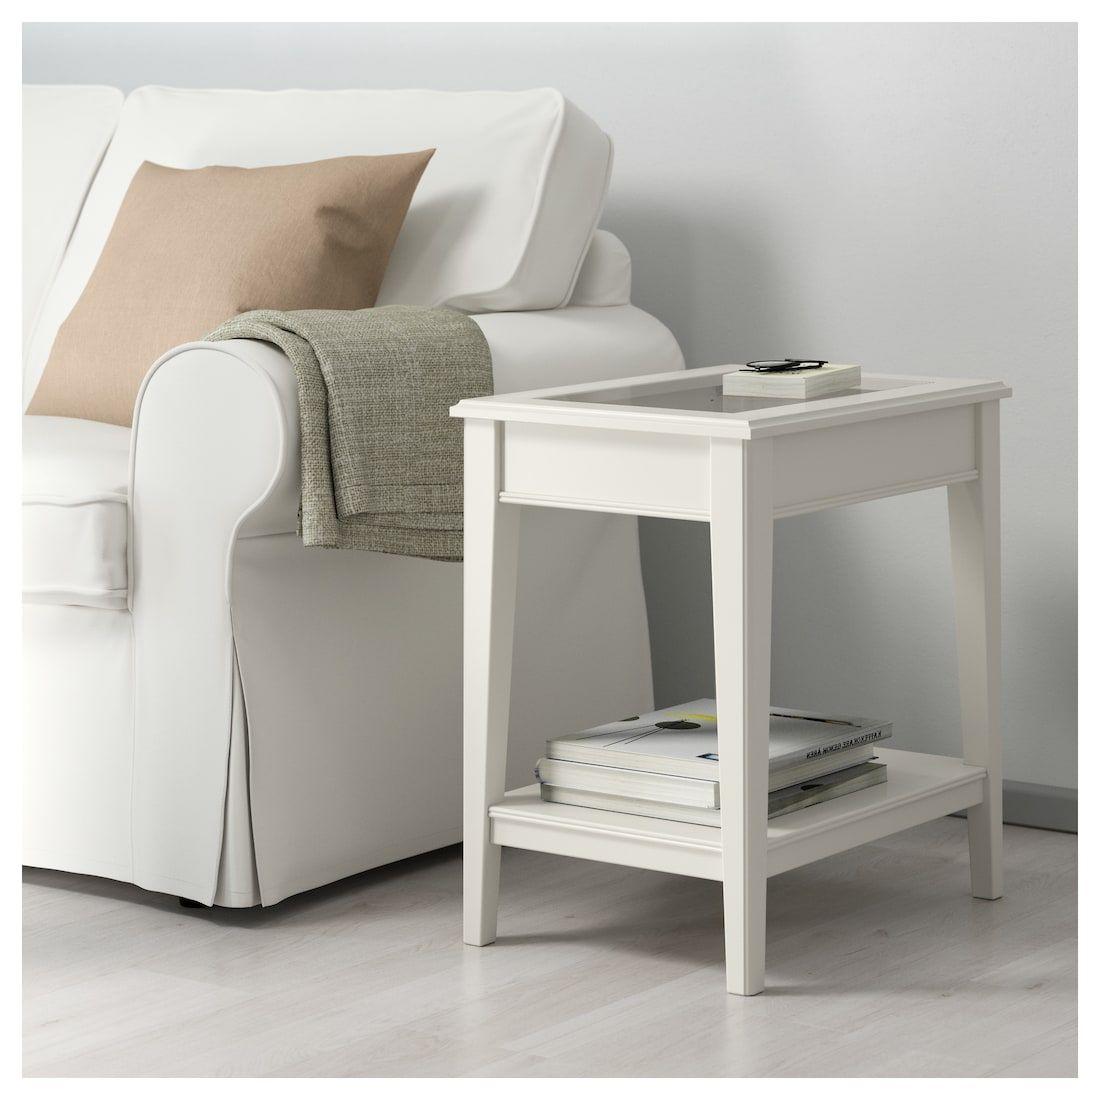 Liatorp Beistelltisch Weiss Glas Ikea Osterreich Liatorp Ikea Side Table White Side Tables